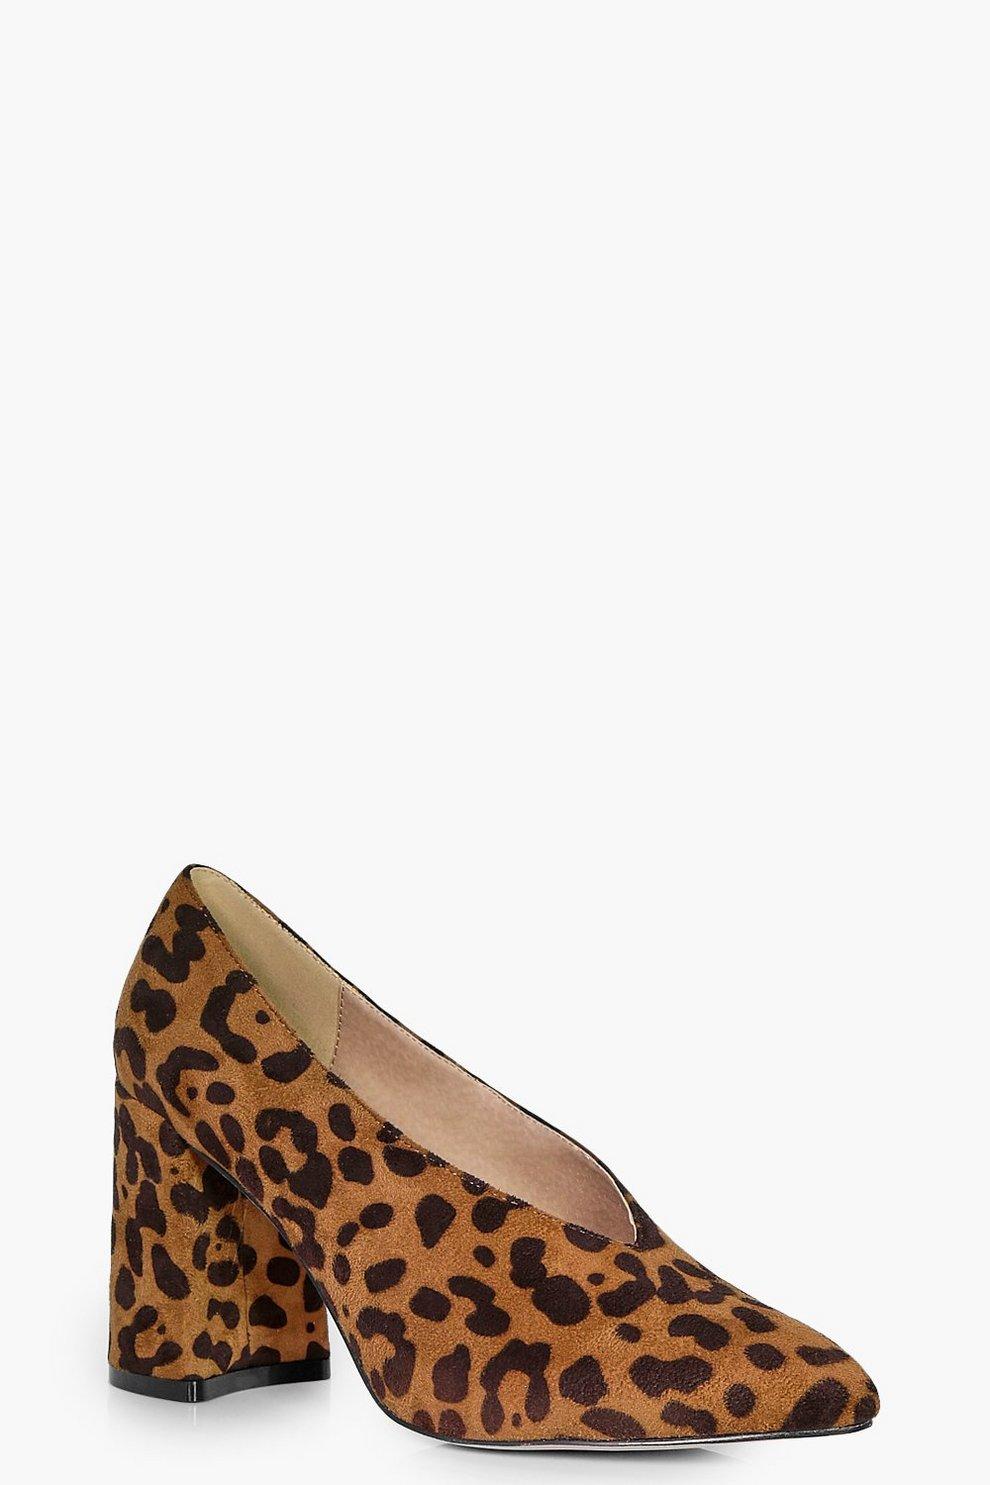 Zapatos beige de verano Boohoo para mujer ByAQu